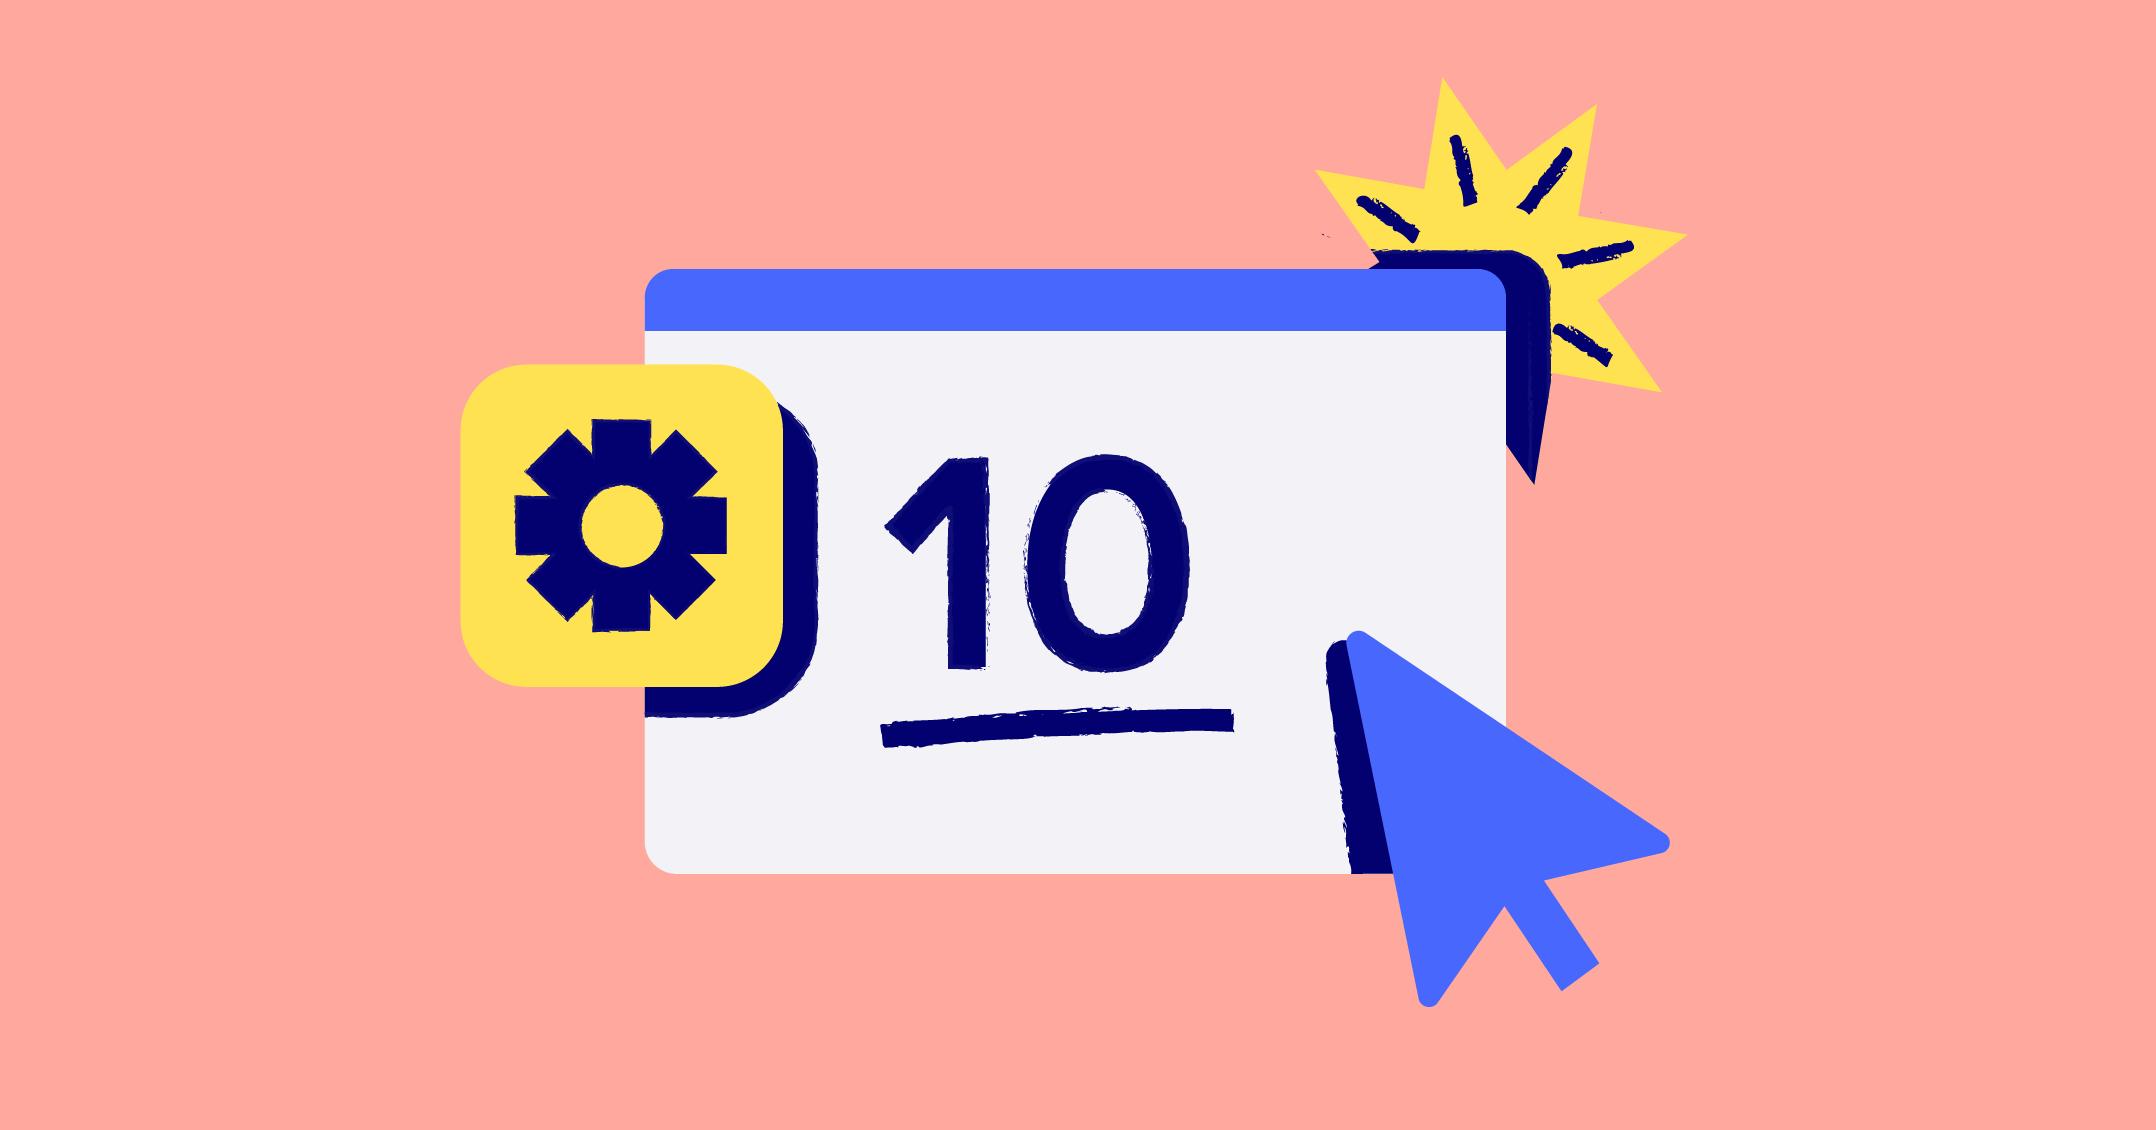 Les 10 fonctionnalités à avoir dans son logiciel CRM